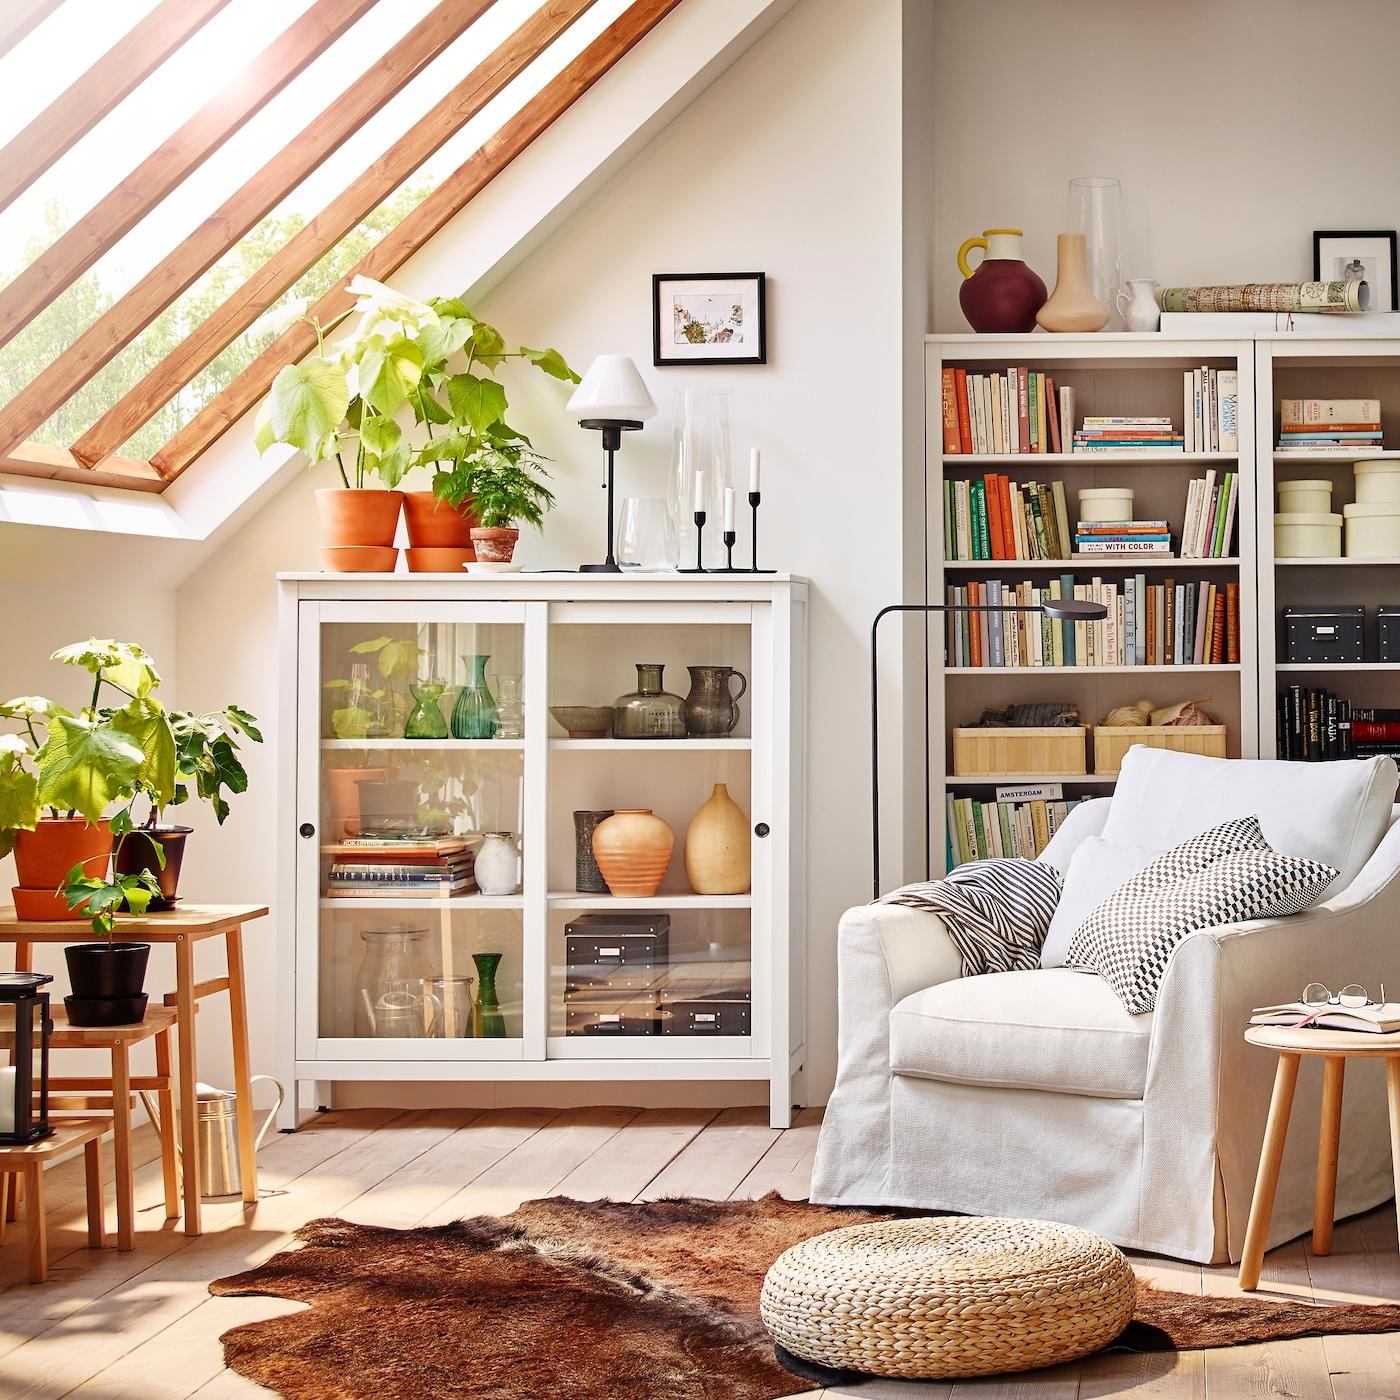 Reilun kokoinen ja mukava valkoinen IKEA FÄRLÖV-nojatuoli ja HEMNES-vitriinikaappi valkoisessa olohuoneessa, jossa on lasinen taitekatto.